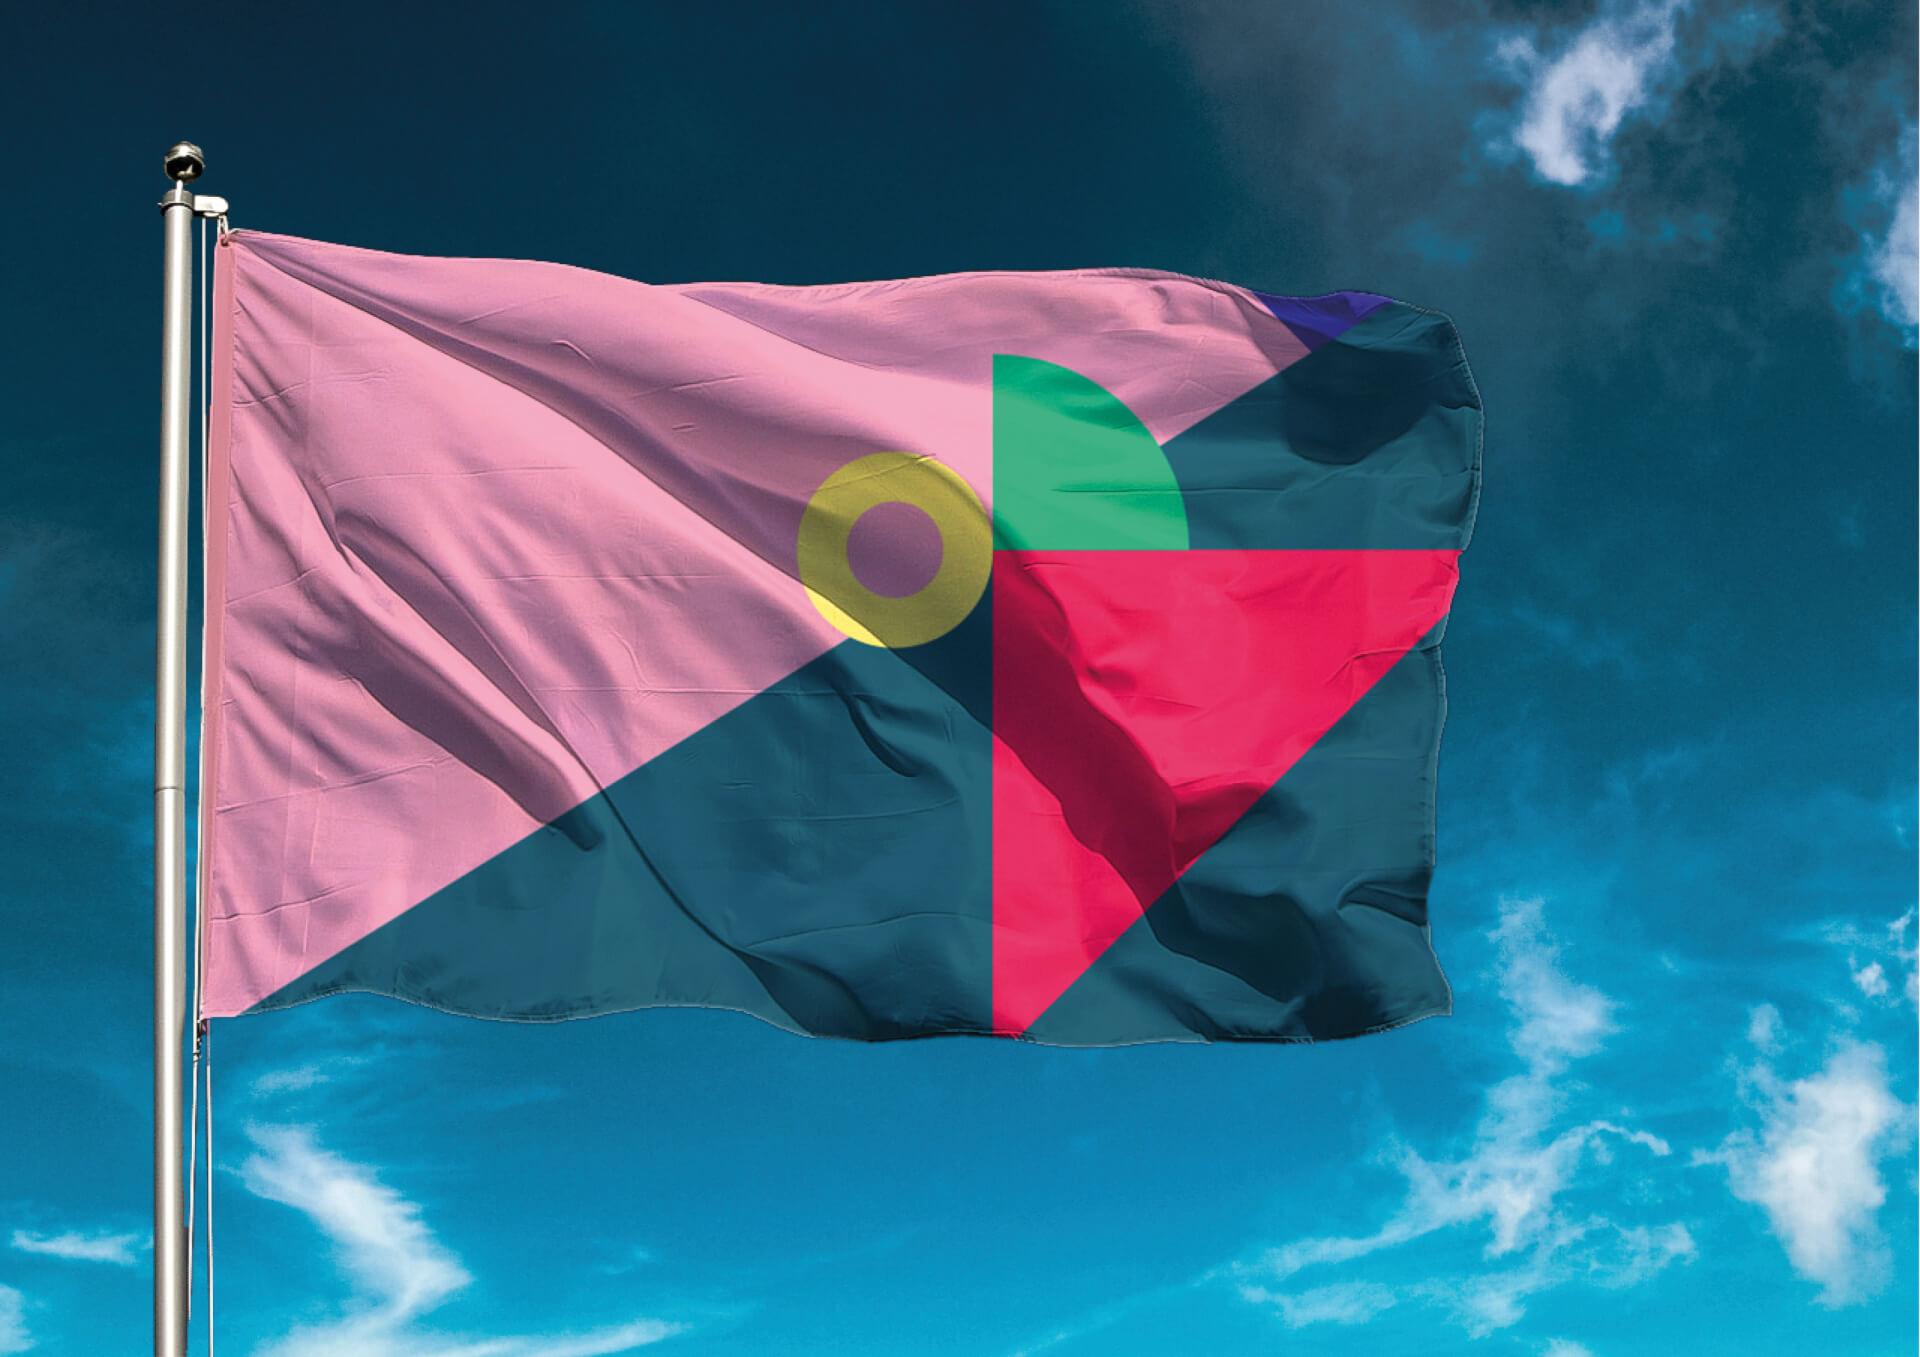 Bild på de olika färgerna Subtopia har tillgång till i en mockup på en flagga.